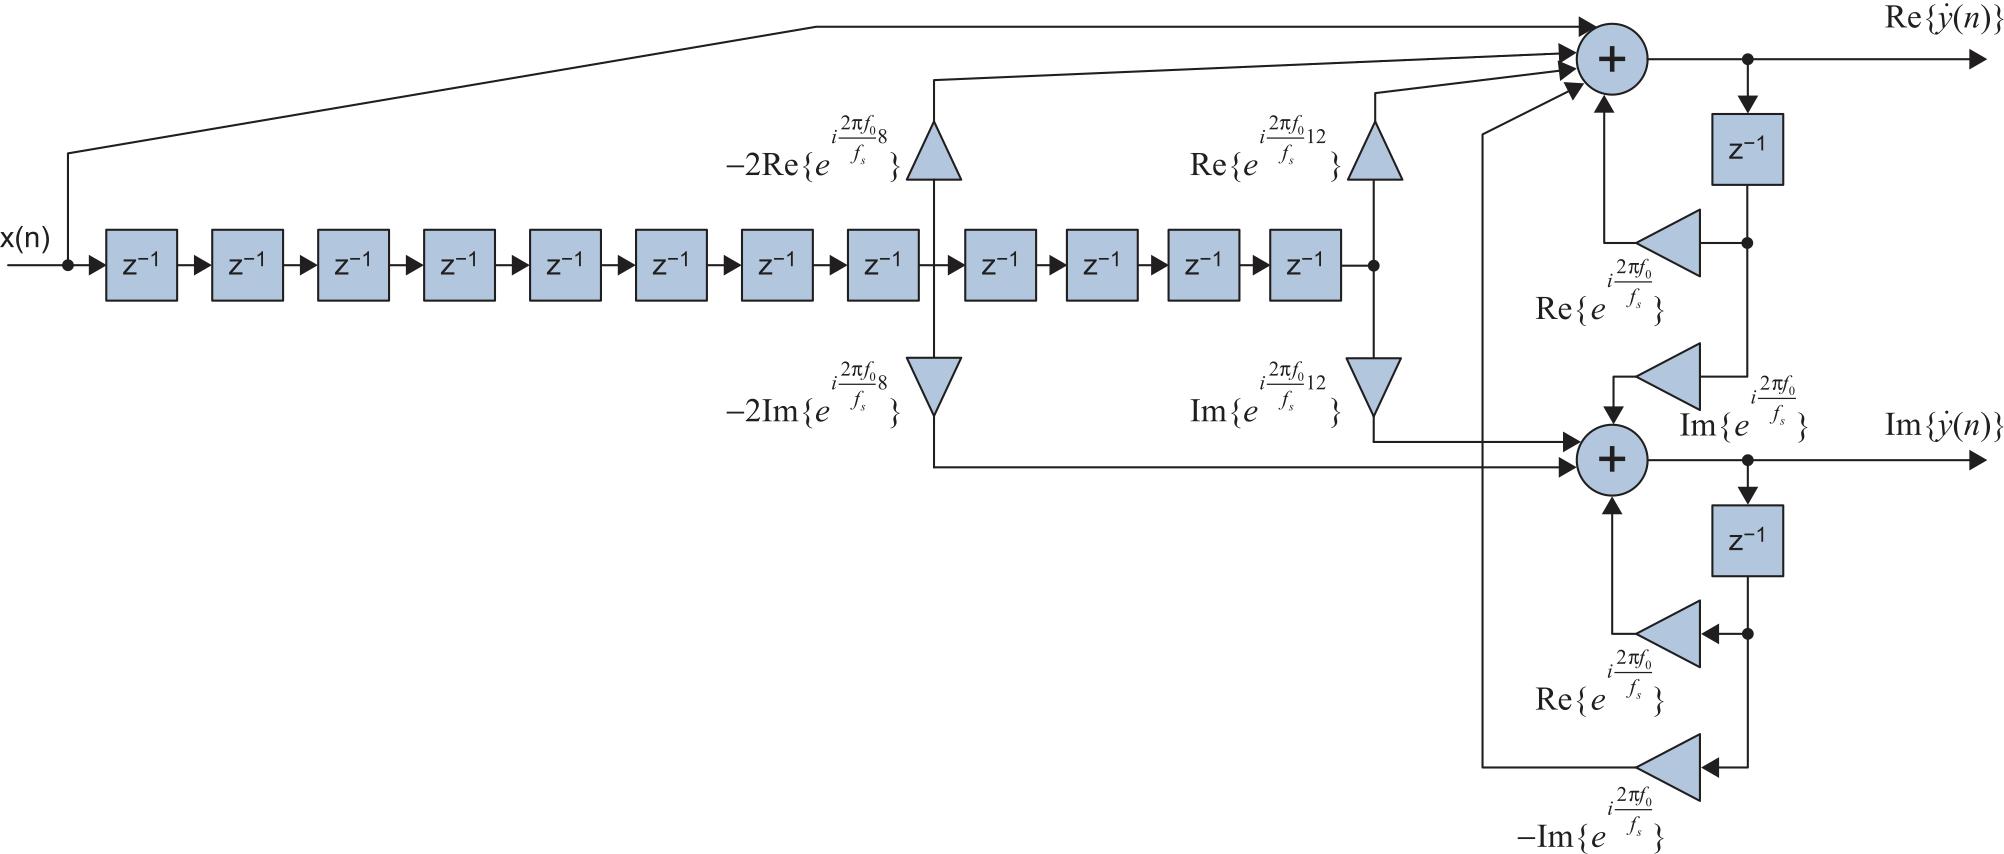 Структурная схема рекурсивного согласованного фильтра для вещественного входного радиосигнала